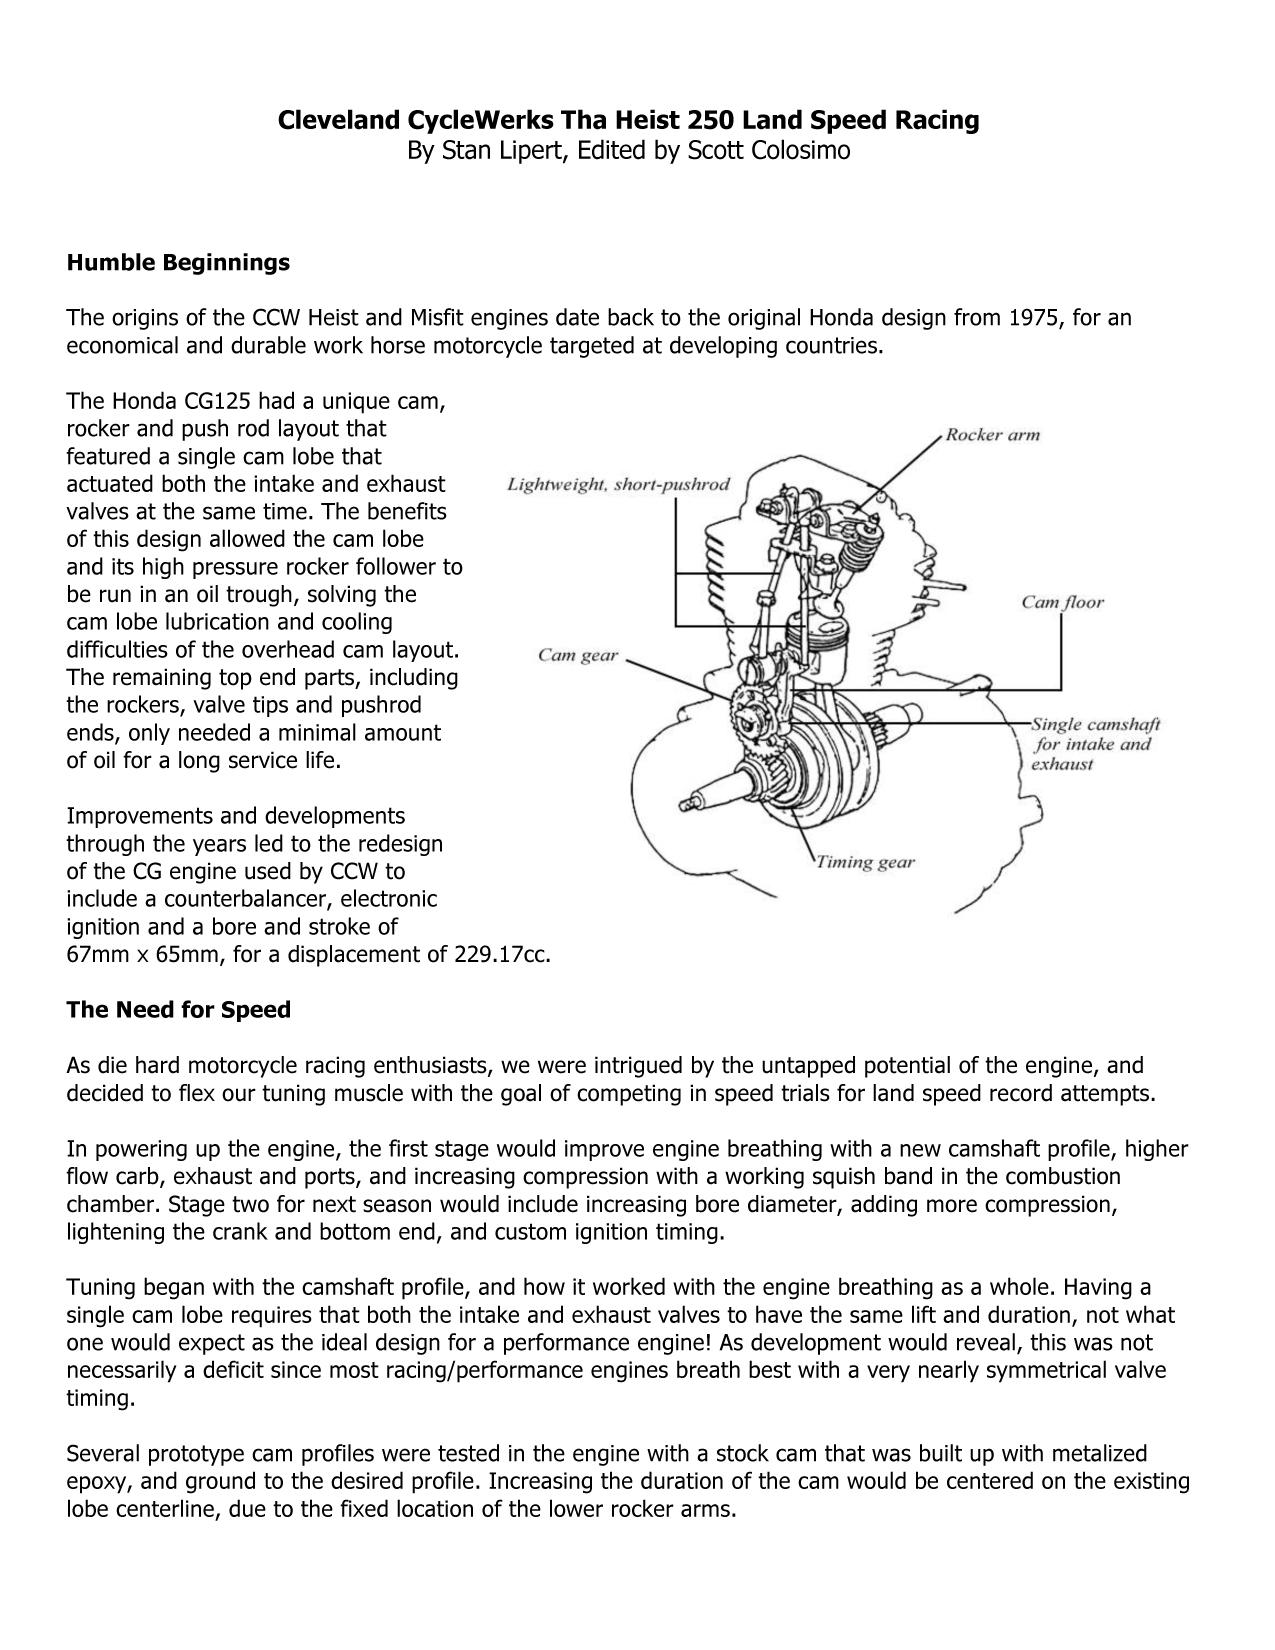 CCW Heist 250 LSR Tech Article-1.jpg